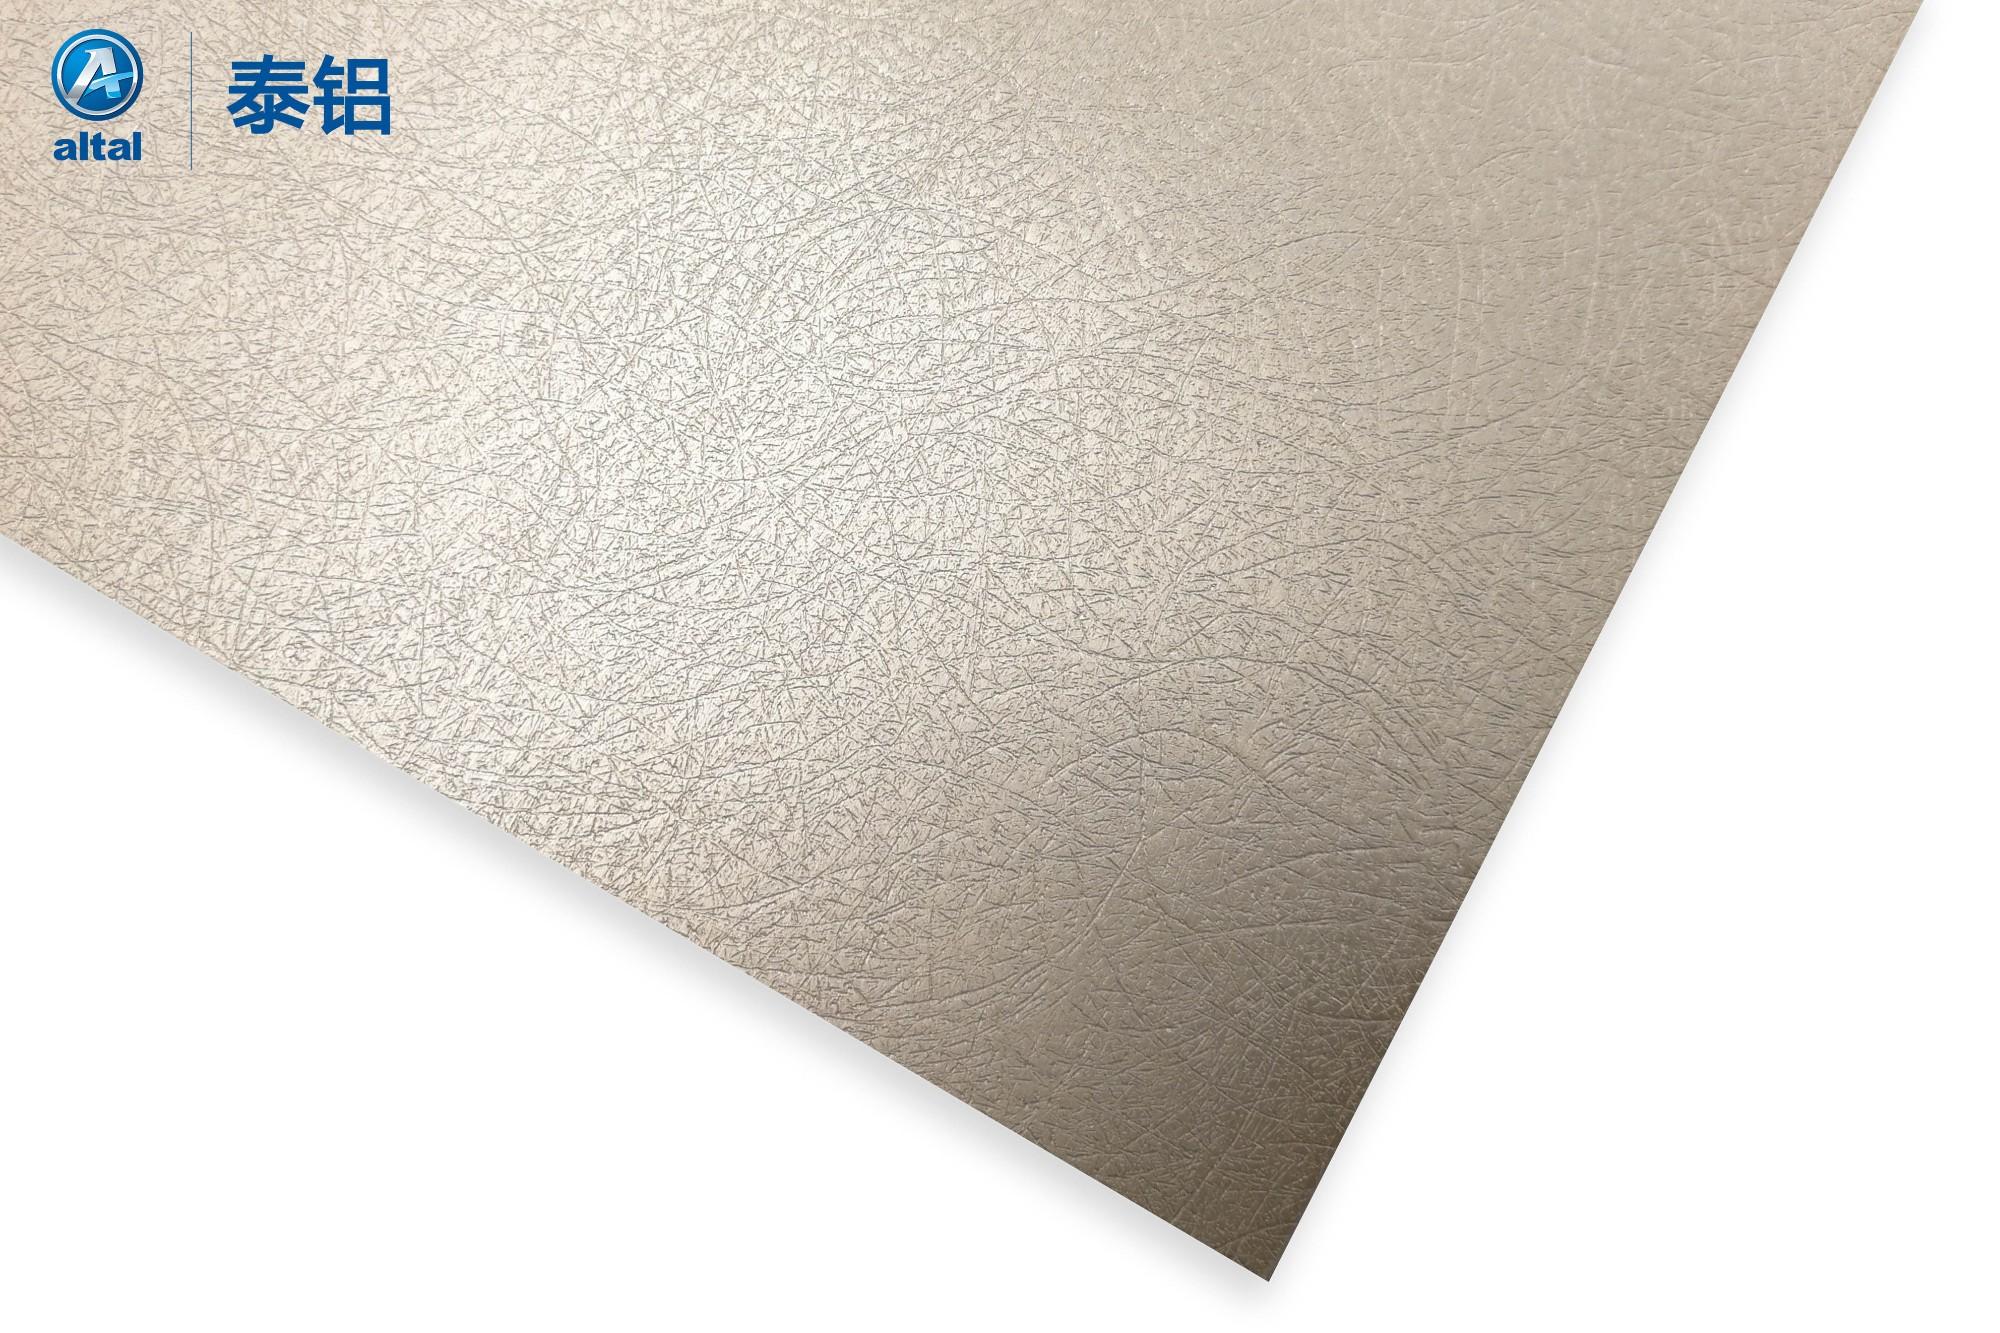 精轧纤丝纹压花铝板-DZCW760T1R-33Y